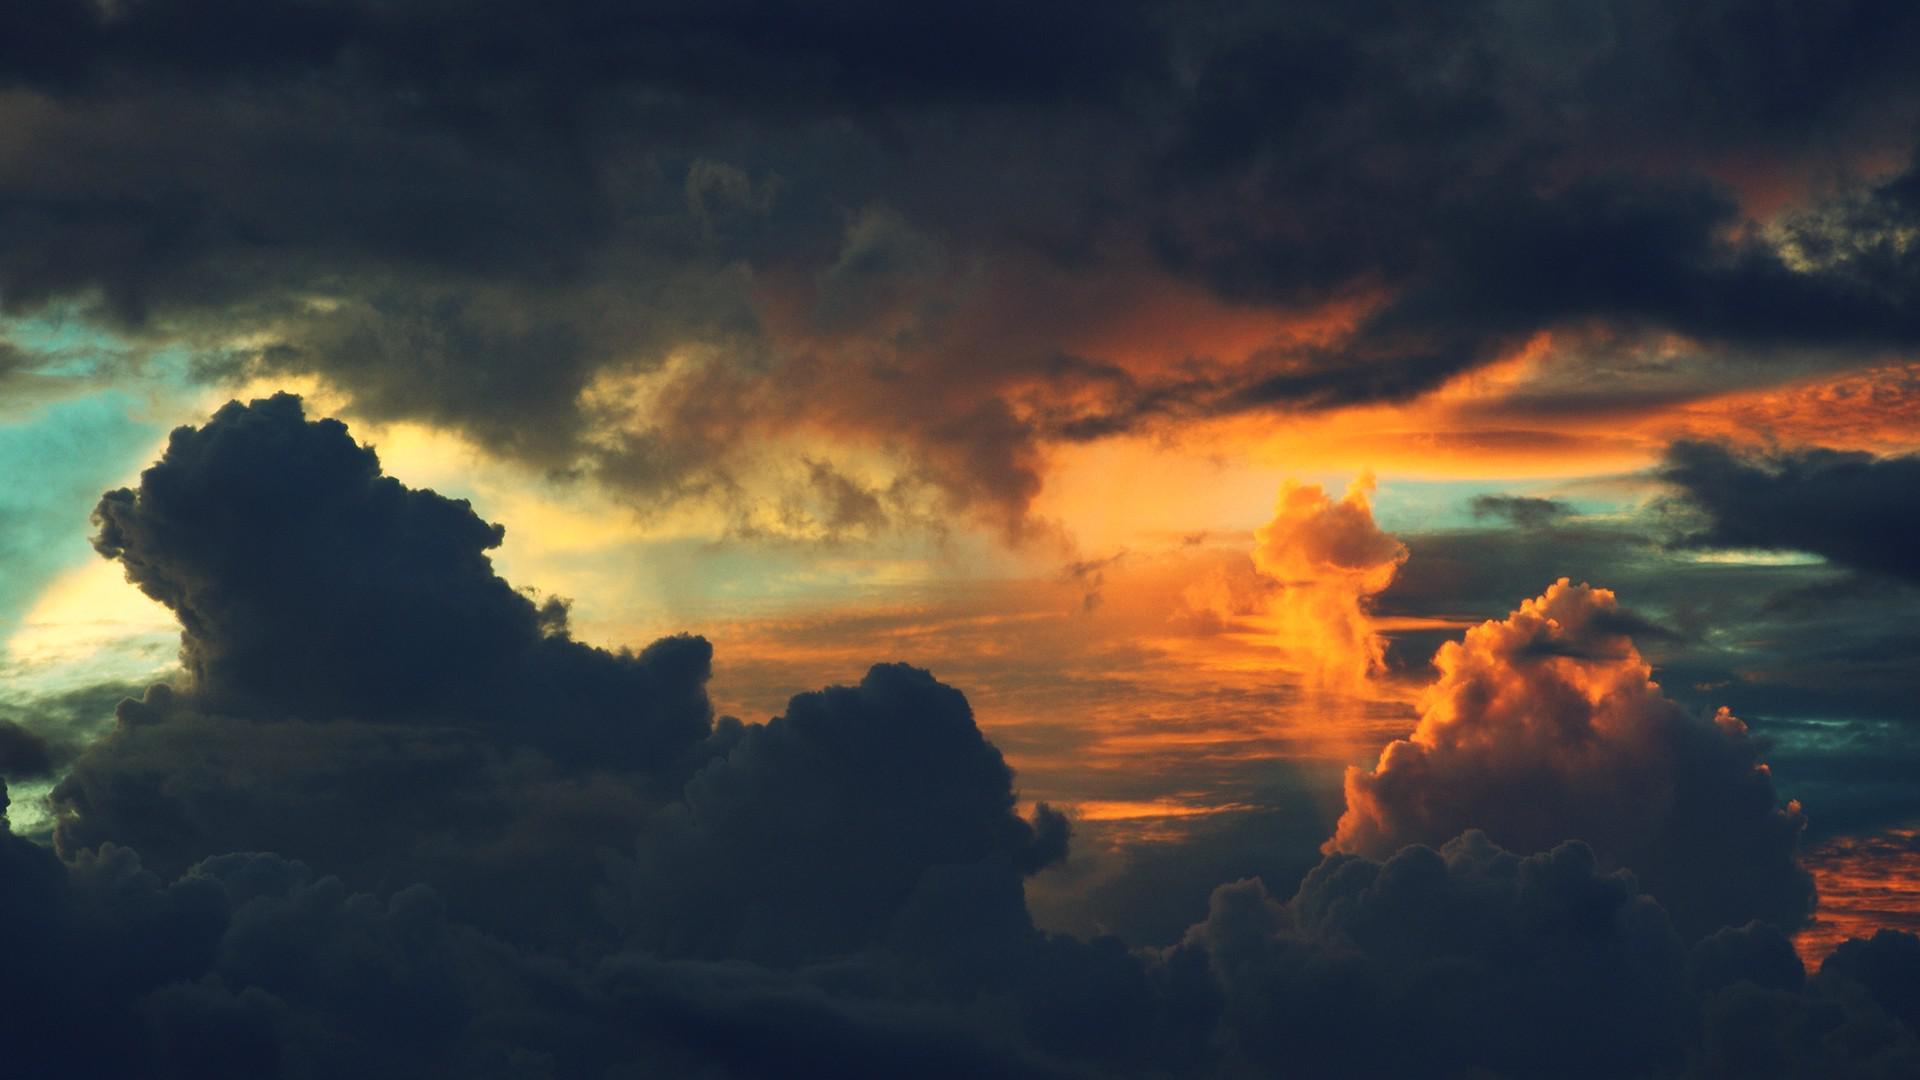 Sunset Dark Clouds wallpaper | 1920x1080 | #32105